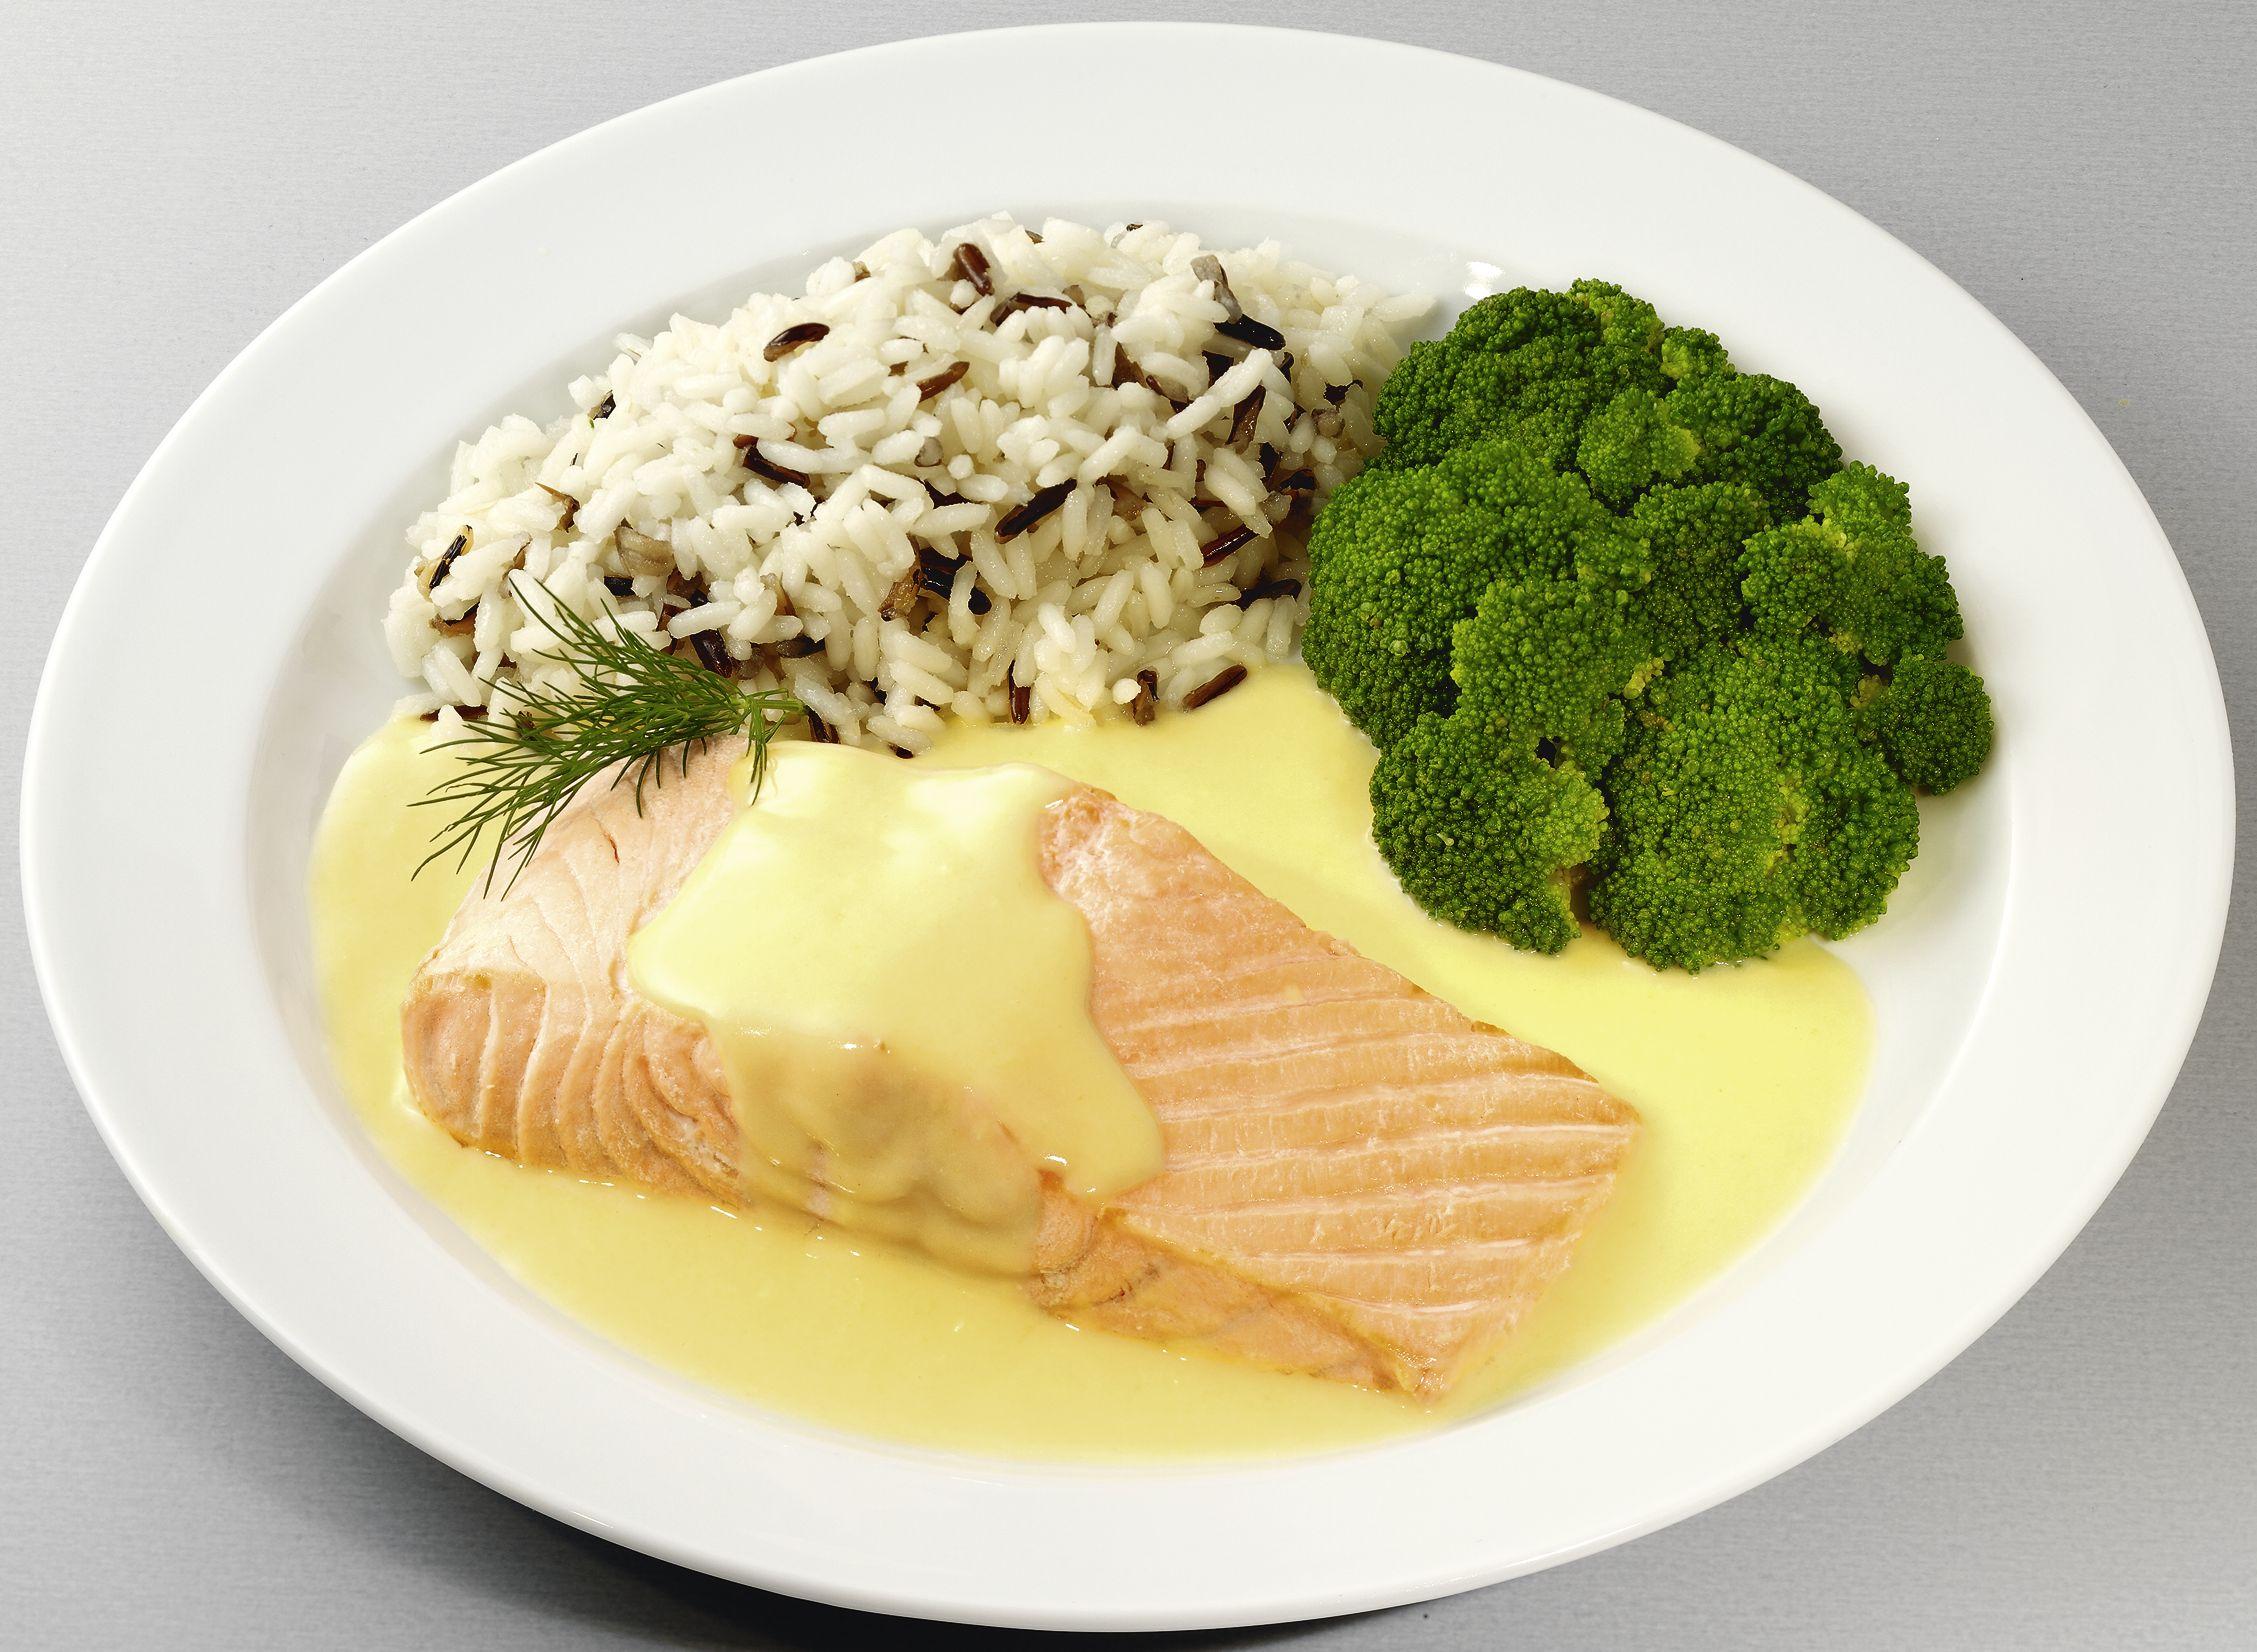 Lachsfilet in feiner Buttersoße  mit Brokkoli und einer Reis-Wildreiskombination